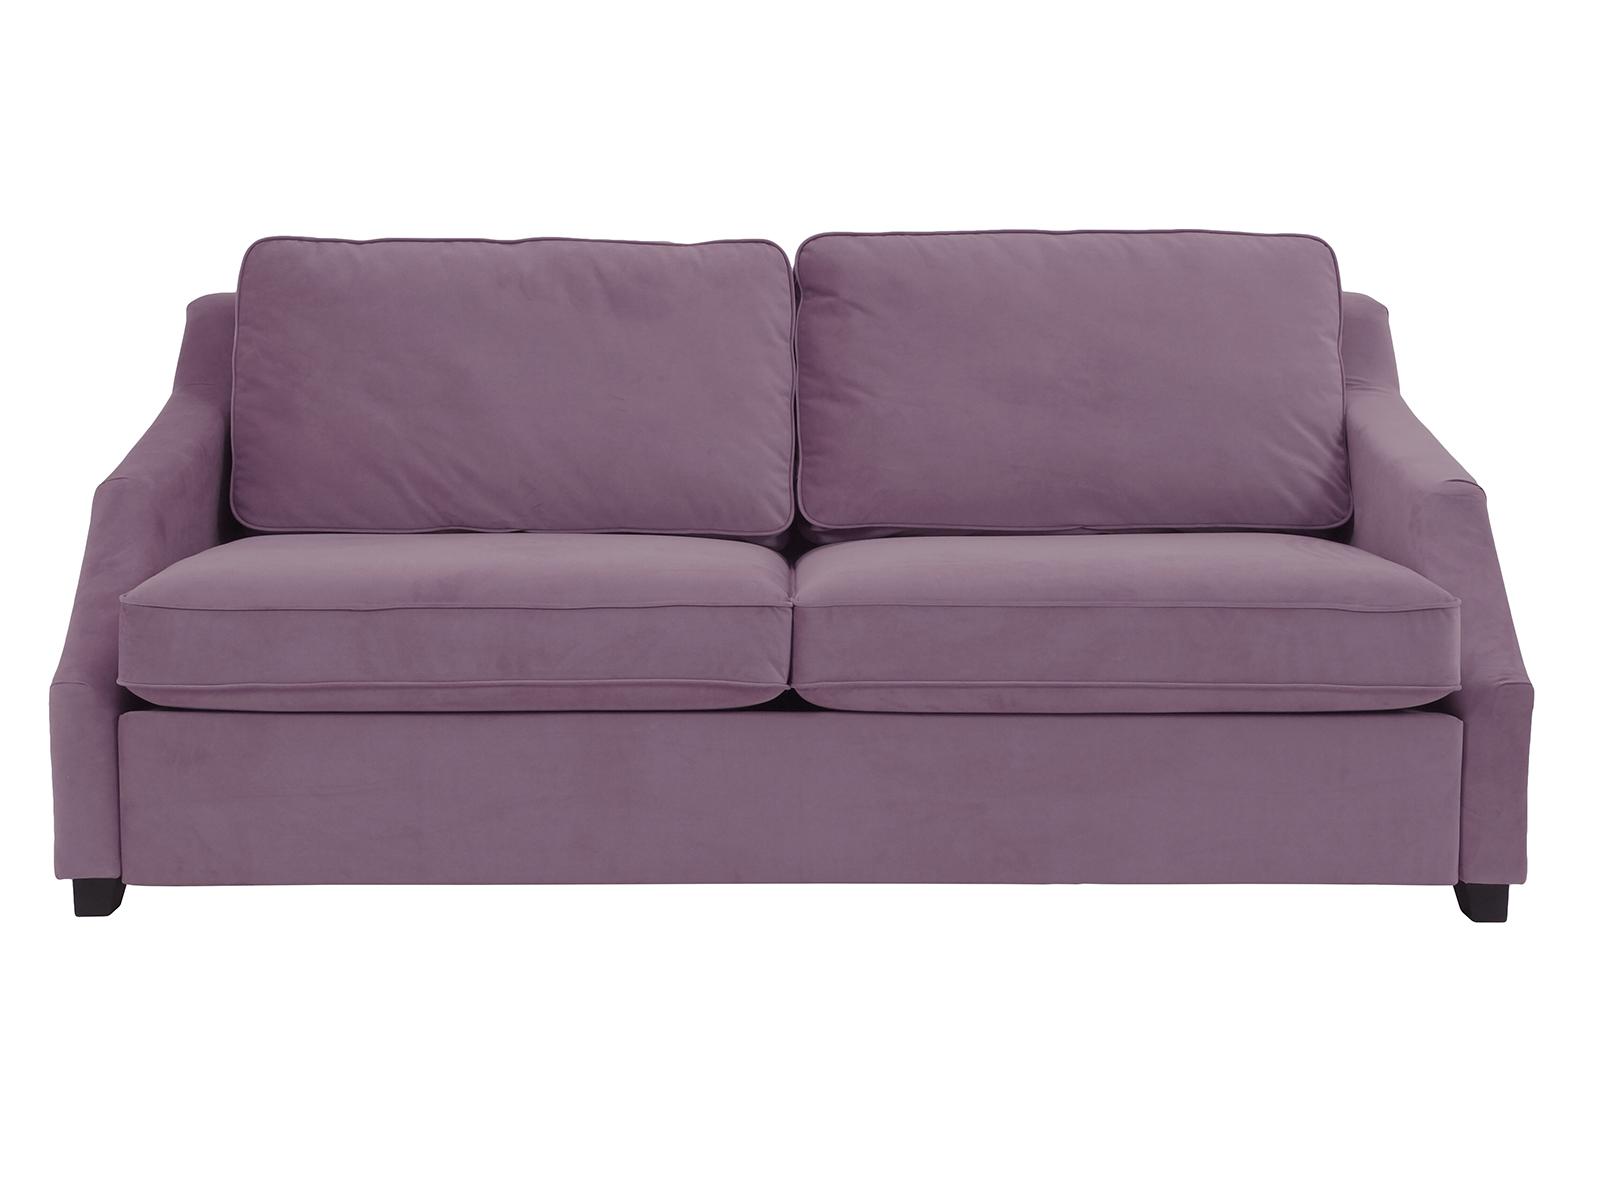 Диван WindПрямые раскладные диваны<br>Раскладной диван с мягким удобным сиденьем. Подлокотники декорированы молдингами. Комплектуется матрасом толщиной 110 мм.&amp;lt;div&amp;gt;&amp;lt;br&amp;gt;&amp;lt;/div&amp;gt;&amp;lt;div&amp;gt;&amp;lt;div&amp;gt;Материалы:&amp;lt;/div&amp;gt;&amp;lt;div&amp;gt;&amp;lt;div&amp;gt;Каркас: деревянный брус, фанера.&amp;lt;/div&amp;gt;&amp;lt;div&amp;gt;Подушки спинок: синтетическое волокно «синтепух».&amp;lt;/div&amp;gt;&amp;lt;div&amp;gt;Подушки сидений: пружинный блок, пенополиуретан, холкон, войлок.&amp;lt;/div&amp;gt;&amp;lt;div&amp;gt;Обивка: 100% полиэстер.&amp;lt;/div&amp;gt;&amp;lt;/div&amp;gt;&amp;lt;/div&amp;gt;&amp;lt;div&amp;gt;Механизм трансформации: Седафлекс.&amp;lt;/div&amp;gt;&amp;lt;div&amp;gt;Основание механизма трансформации: металлическая сварная сетка и эластичные ремни.&amp;lt;br&amp;gt;&amp;lt;/div&amp;gt;&amp;lt;div&amp;gt;&amp;lt;br&amp;gt;&amp;lt;/div&amp;gt;&amp;lt;div&amp;gt;&amp;lt;div&amp;gt;Ширина сиденья: 190 см&amp;lt;br&amp;gt;&amp;lt;/div&amp;gt;&amp;lt;div&amp;gt;Глубина сиденья: 61 см&amp;lt;/div&amp;gt;&amp;lt;div&amp;gt;Высота сиденья: 47 см&amp;lt;/div&amp;gt;&amp;lt;div&amp;gt;Высота подлокотников: 70 см&amp;lt;/div&amp;gt;&amp;lt;/div&amp;gt;&amp;lt;div&amp;gt;Размер спального места: 190 х 152 см.&amp;lt;/div&amp;gt;<br><br>Material: Текстиль<br>Ширина см: 215<br>Высота см: 90<br>Глубина см: 102